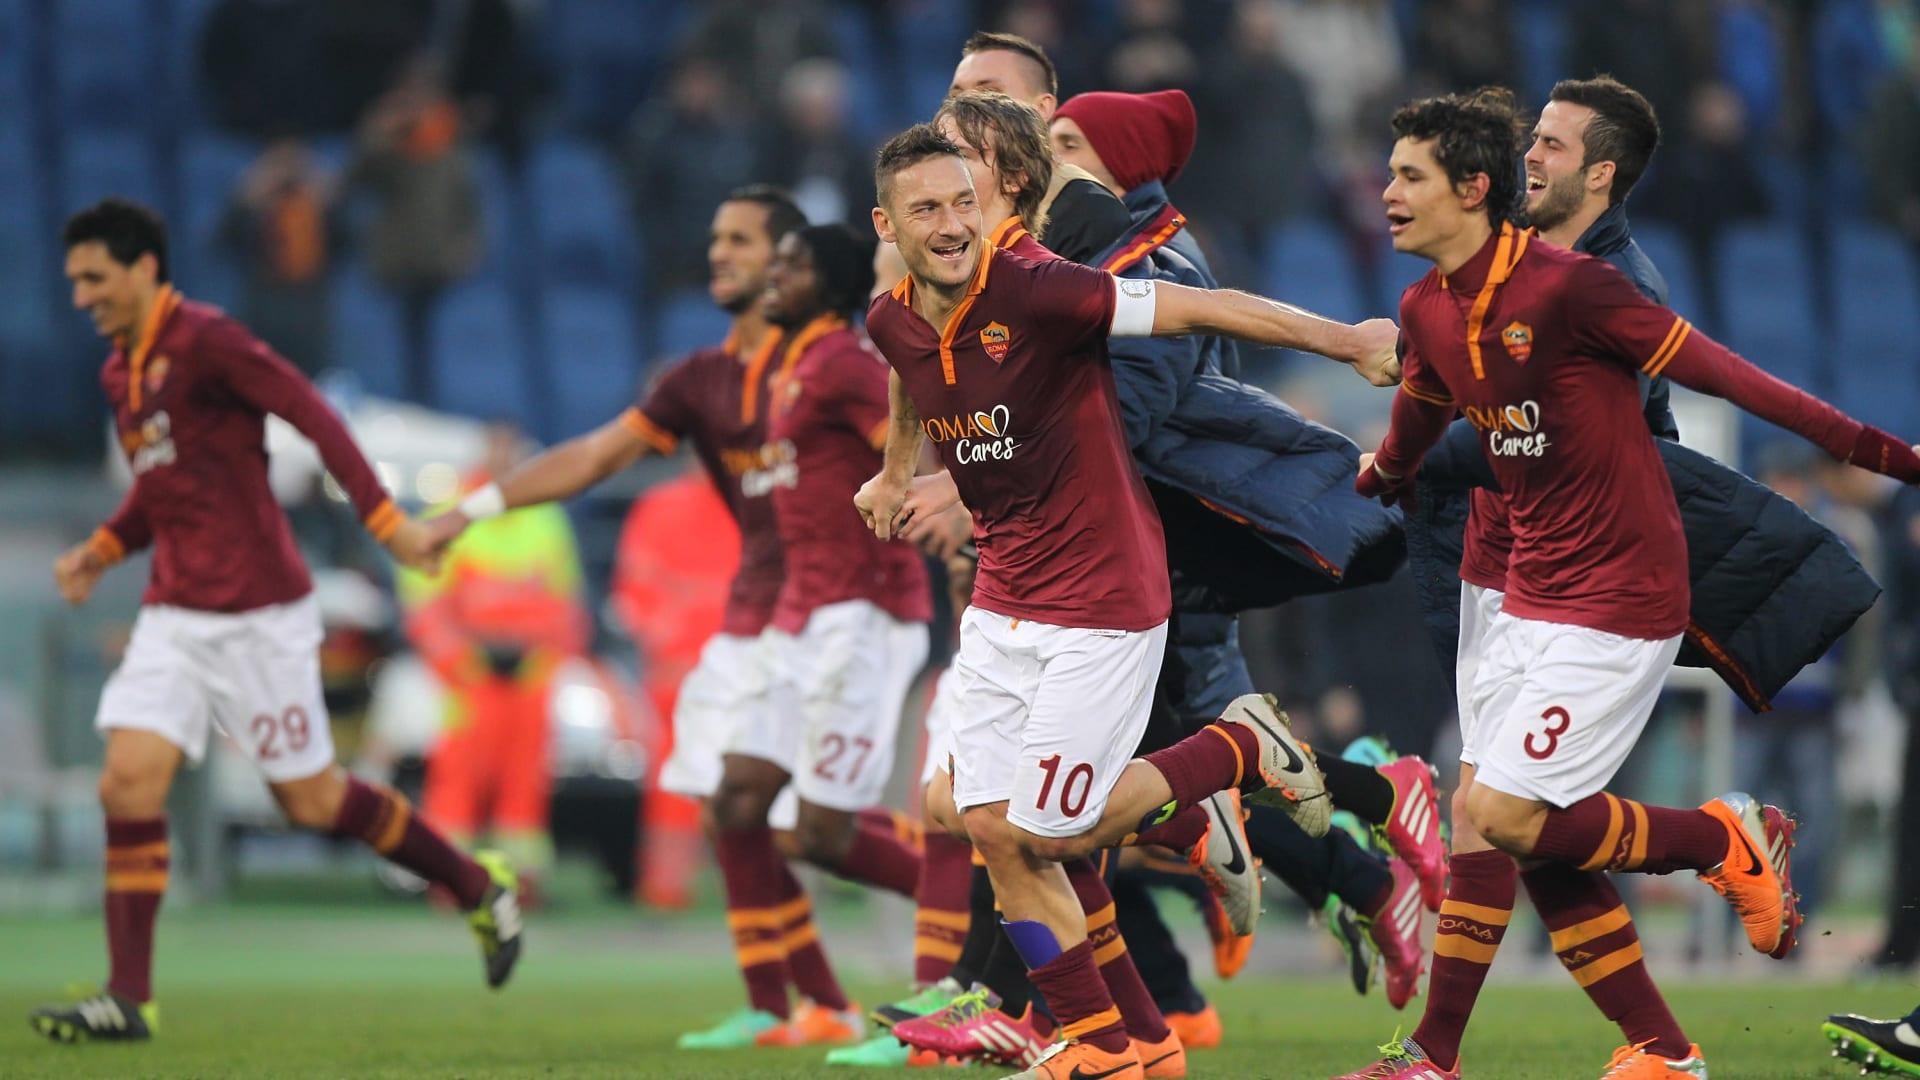 دوري الدرجة A الإيطالي